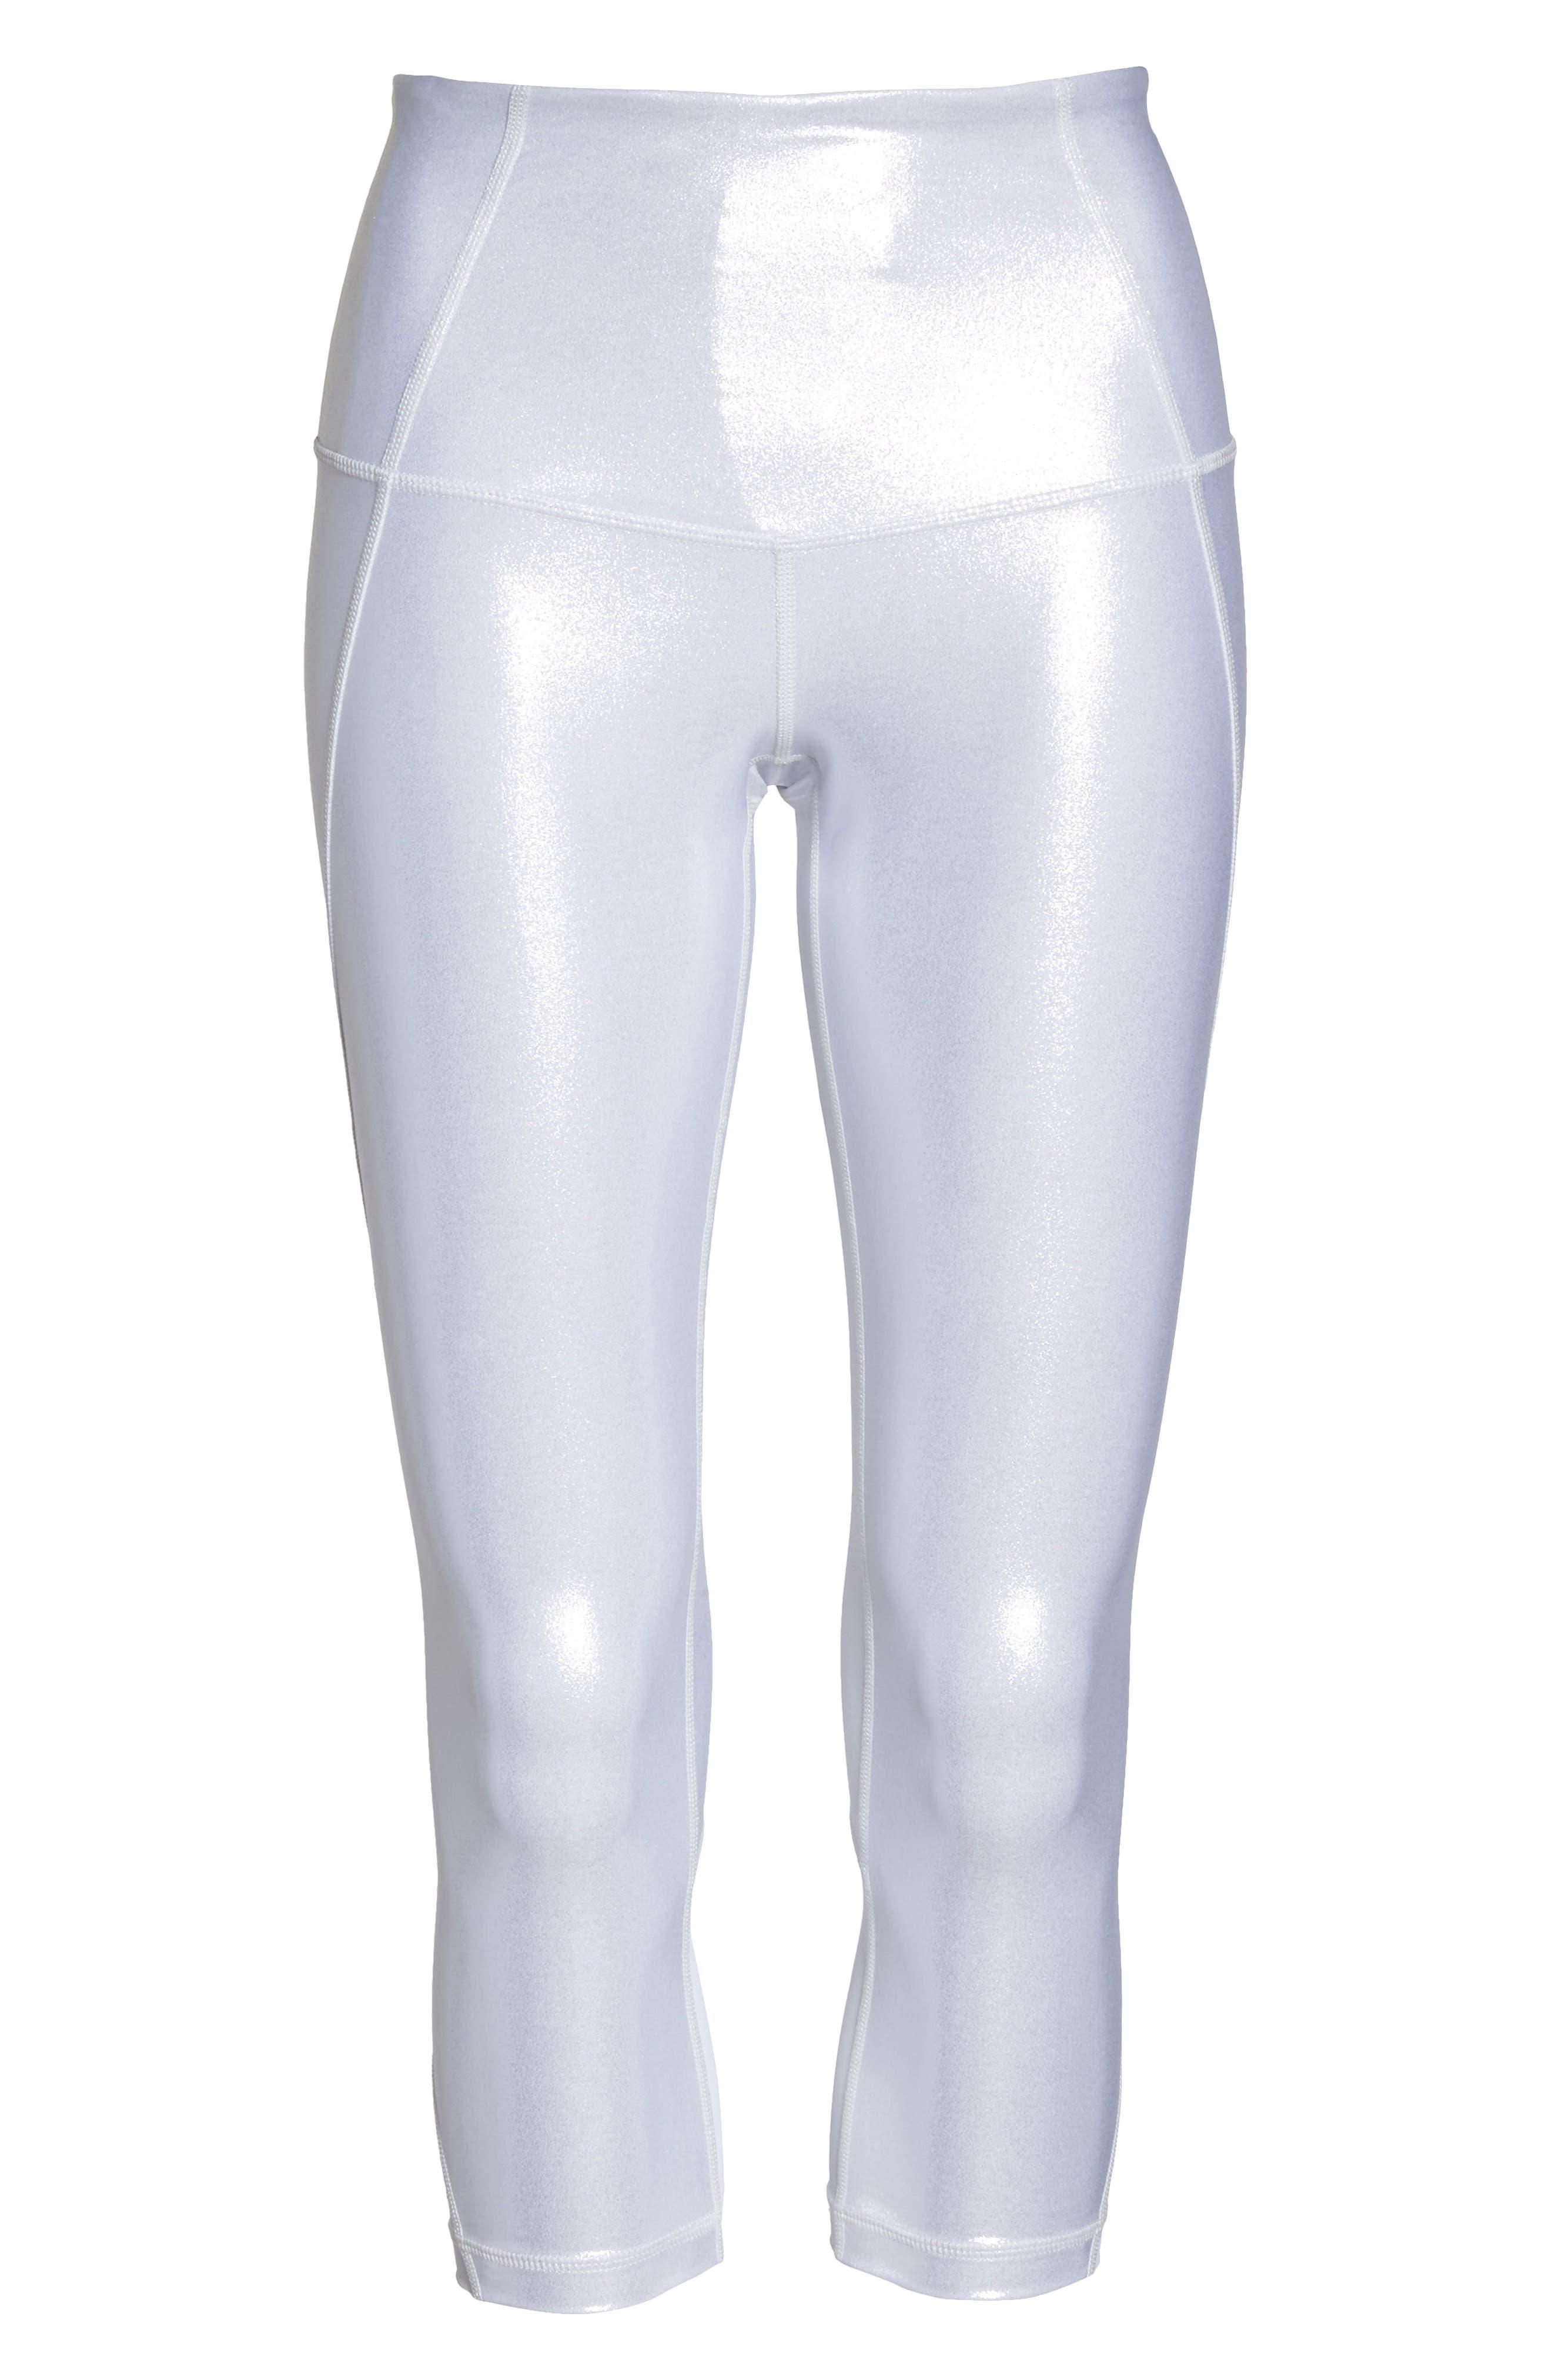 Hatha Glitter High Waist Crop Leggings,                             Alternate thumbnail 7, color,                             Silver